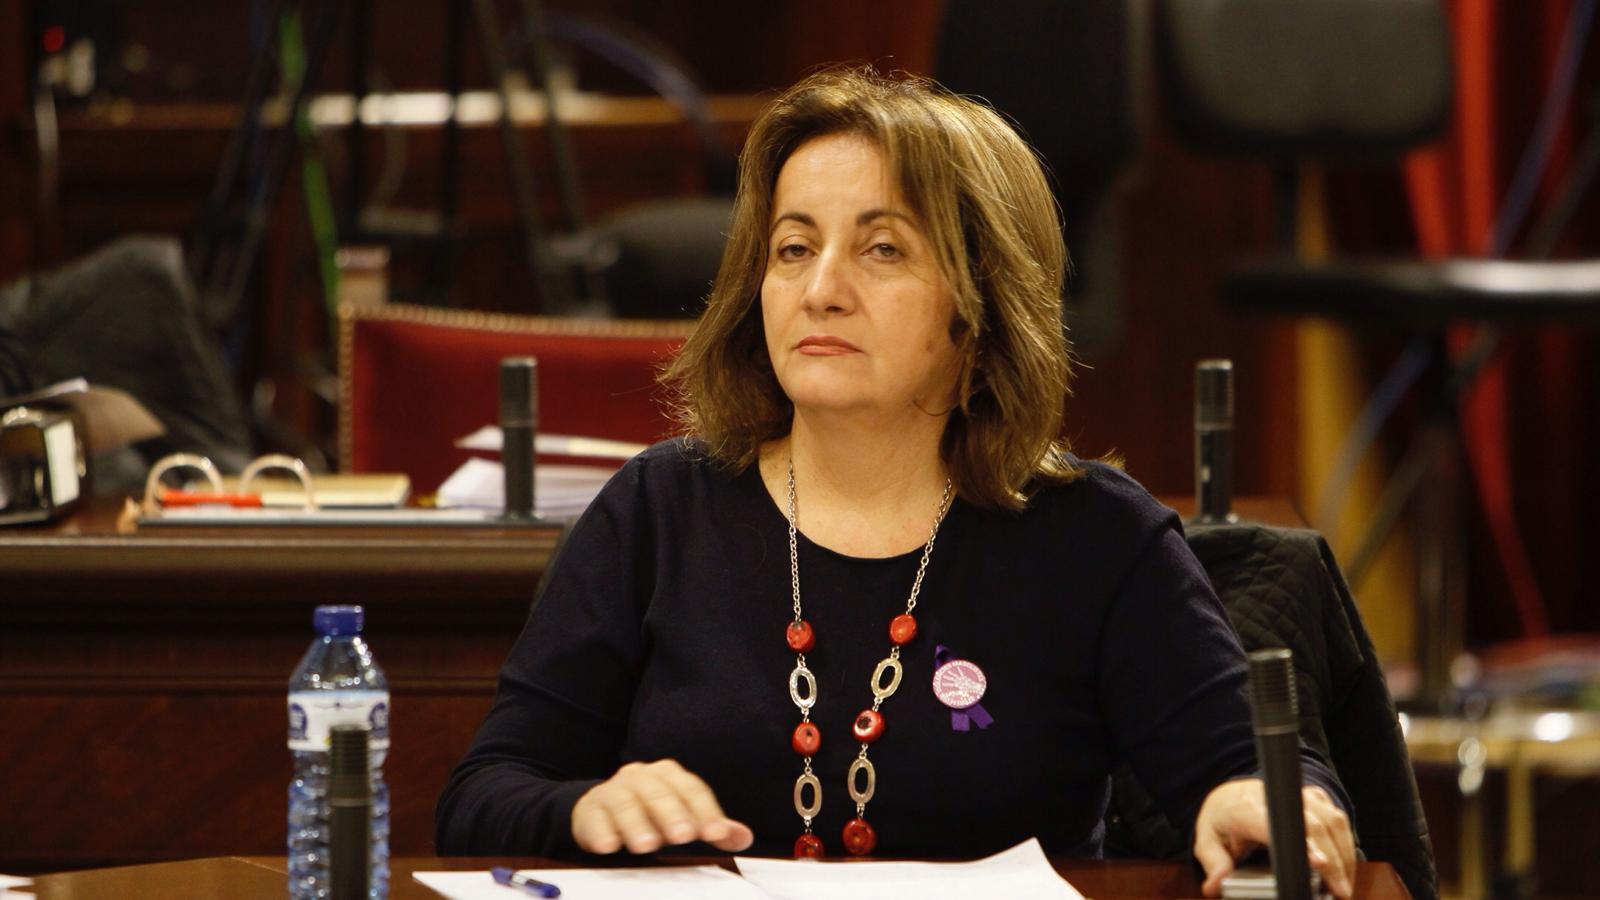 La consellera de Cultura, Participació i Esports, Fanny Tur, aquest dimarts, al Parlament.